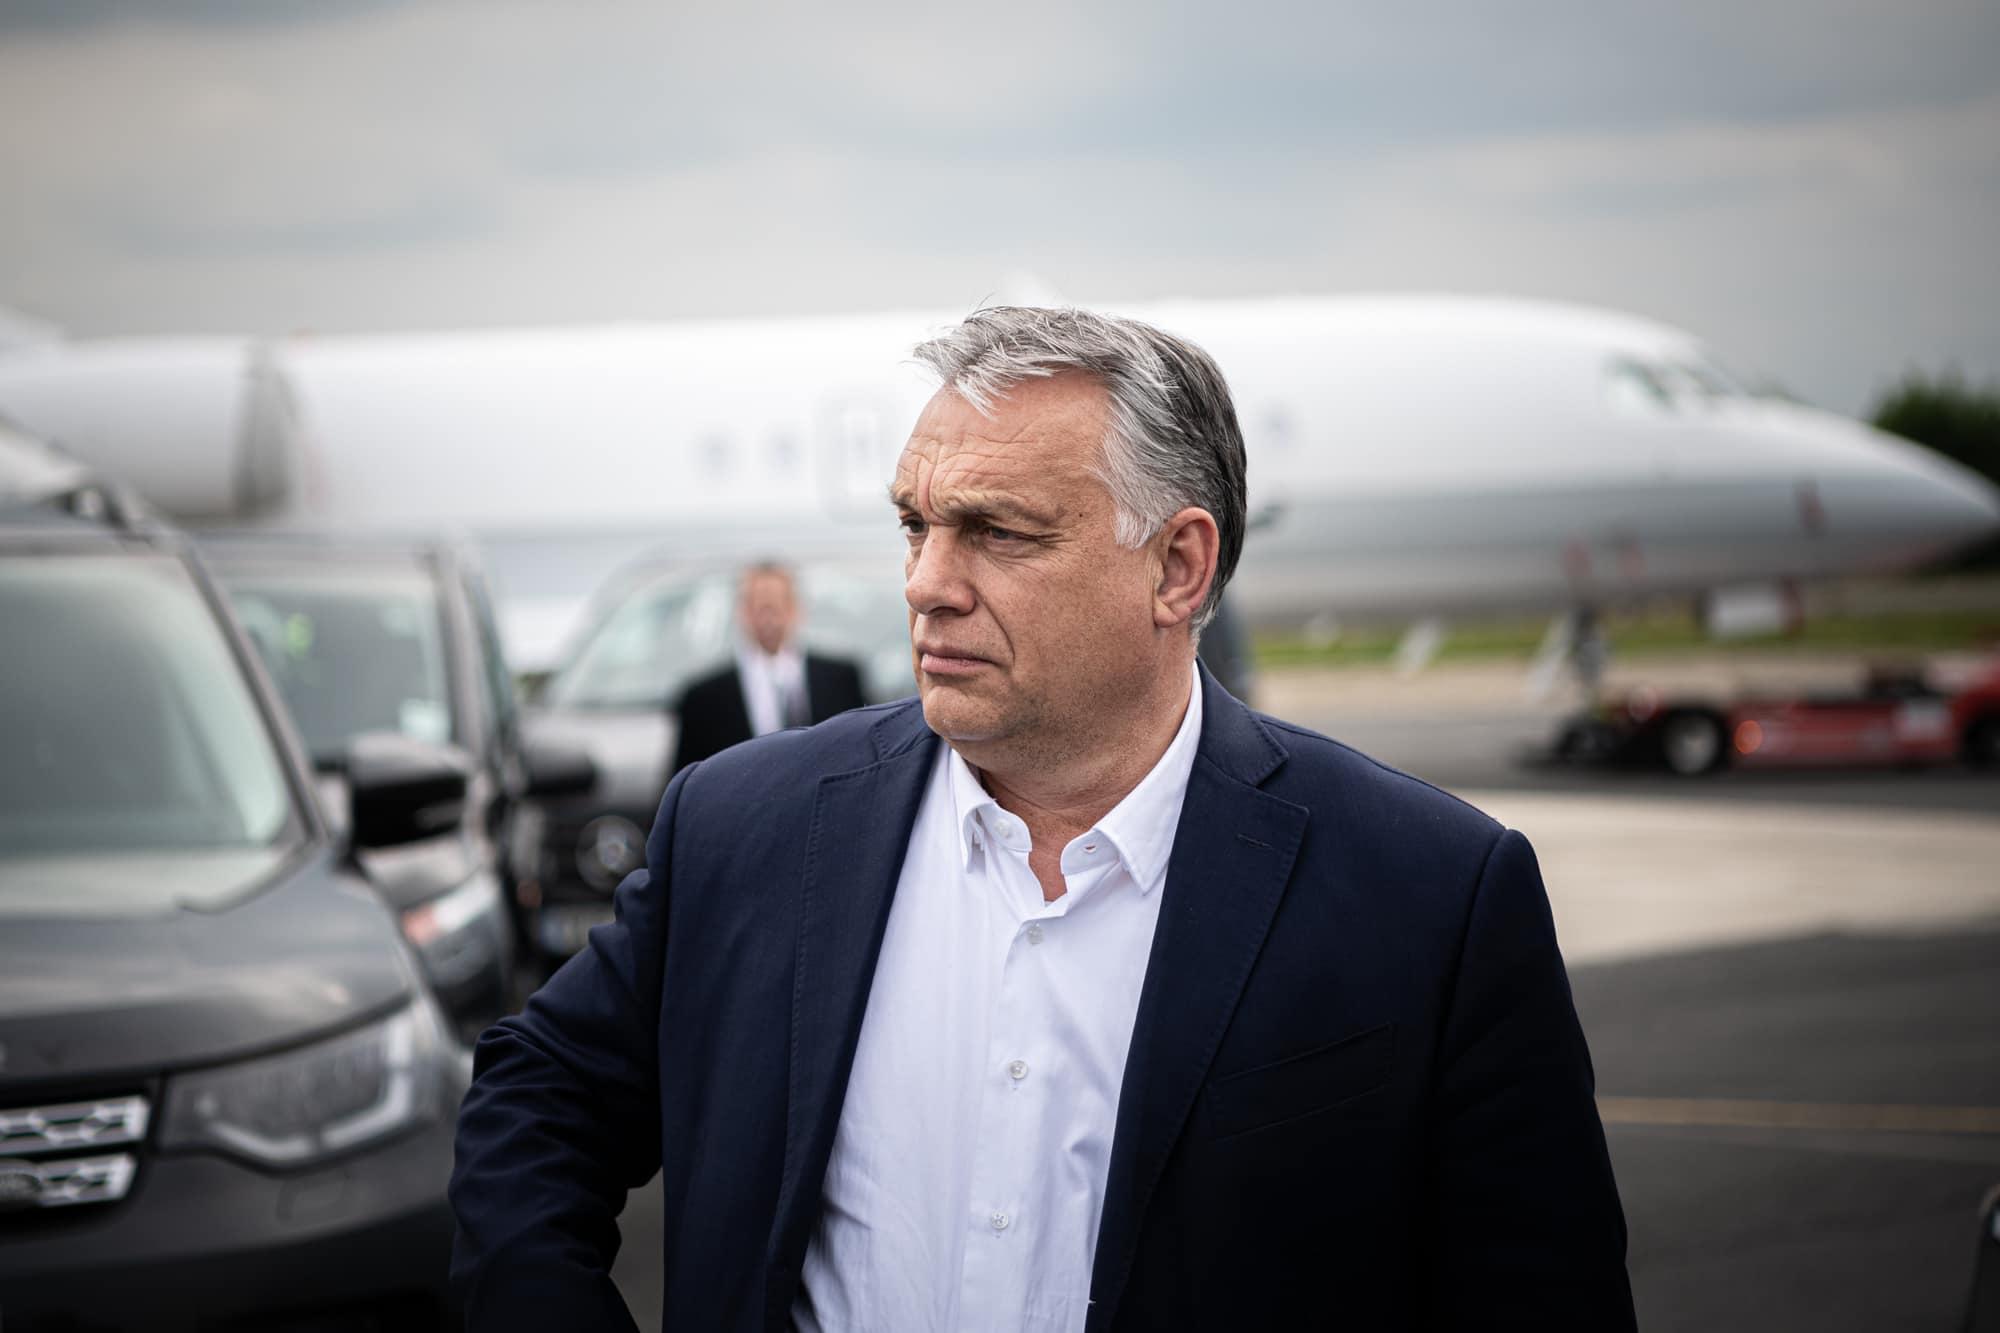 Umfrage: 55 Prozent würden Viktor Orbán wählen